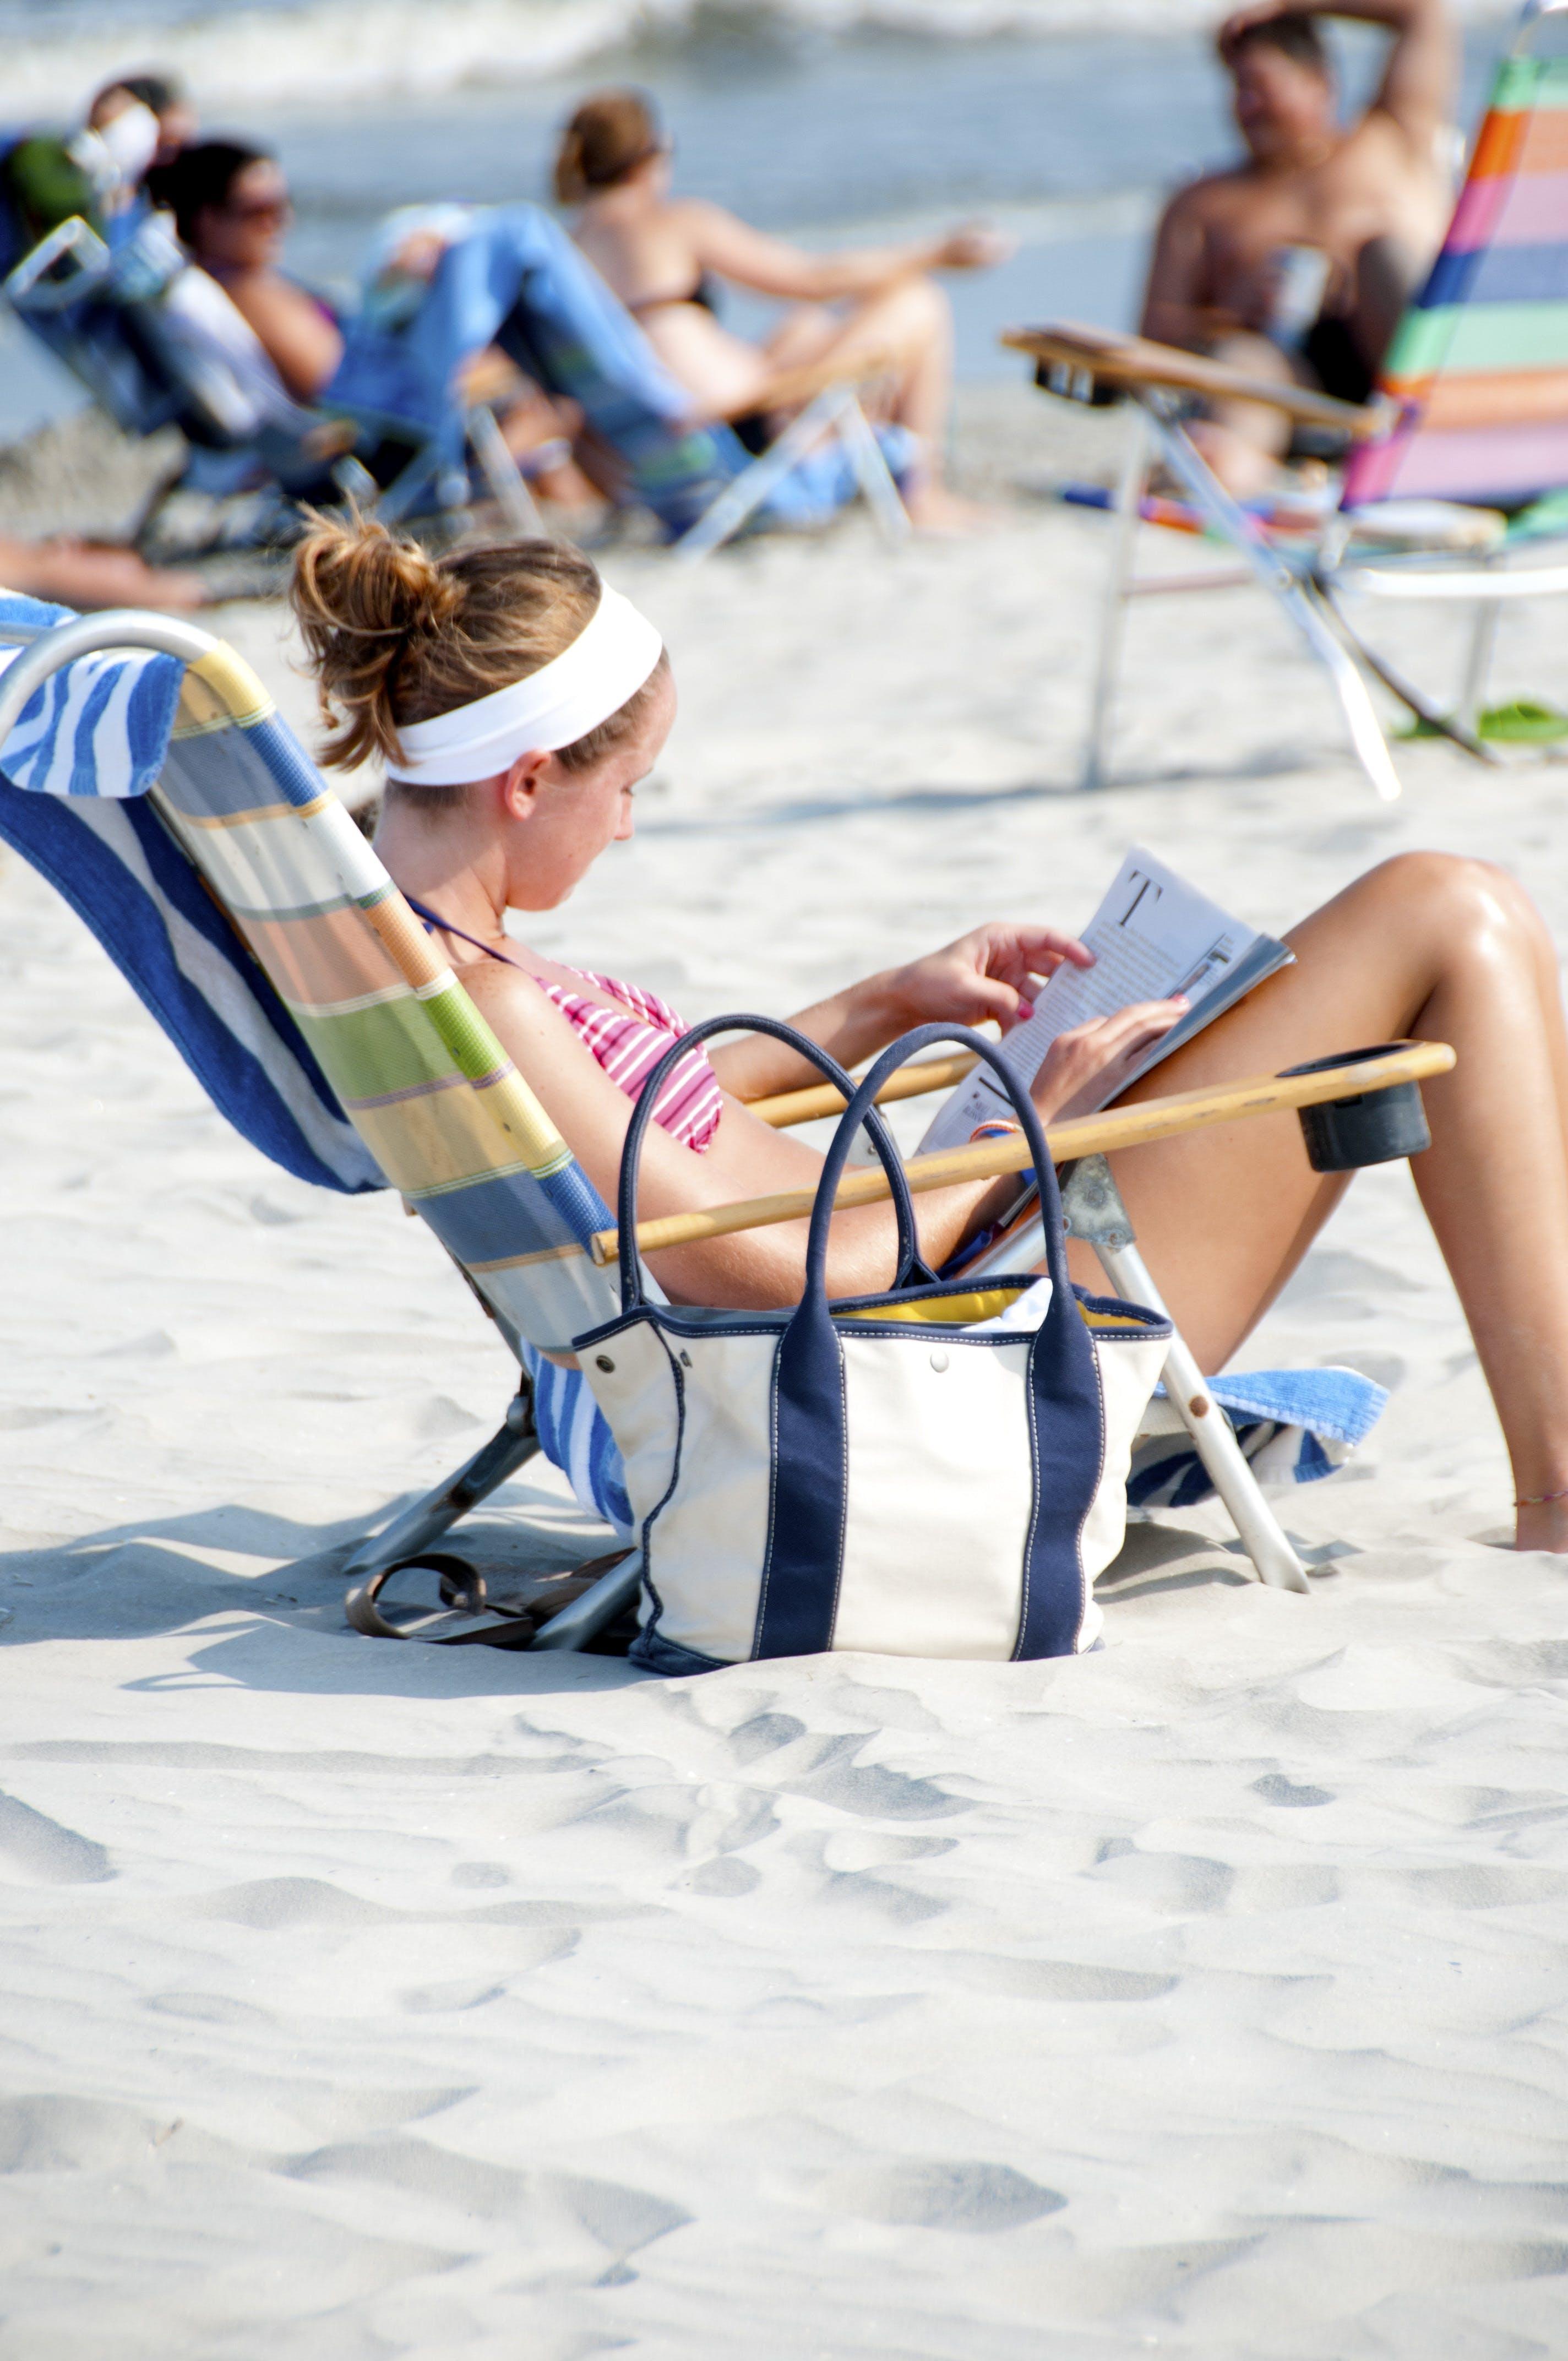 Δωρεάν στοκ φωτογραφιών με άμμος, ανάγνωση, αναπαύομαι, αργία